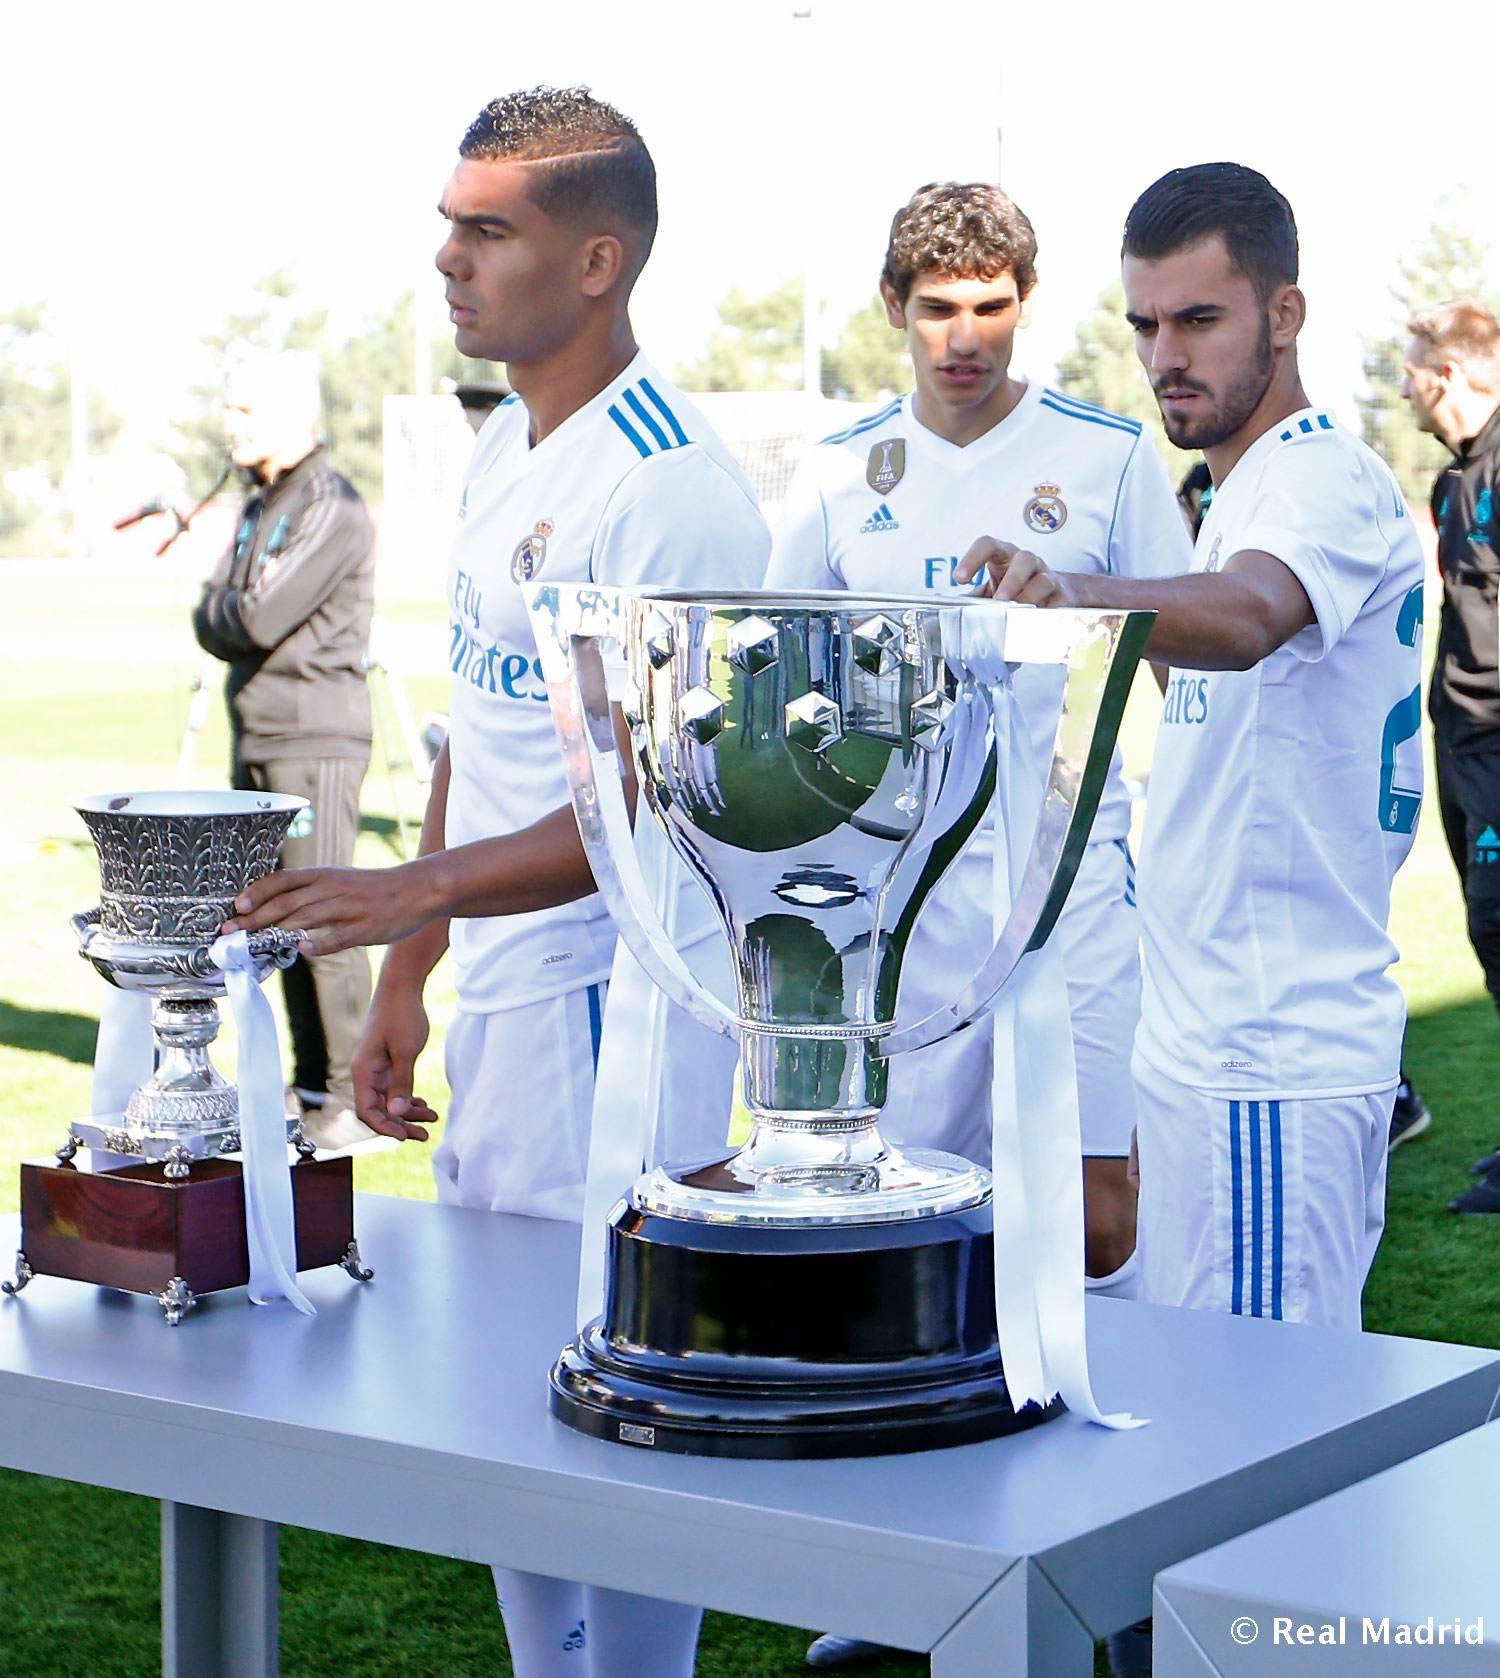 بالصور صور ريال مدريد 2019 , اجدد خلفيات لنادي في الزي الجديد 10727 7